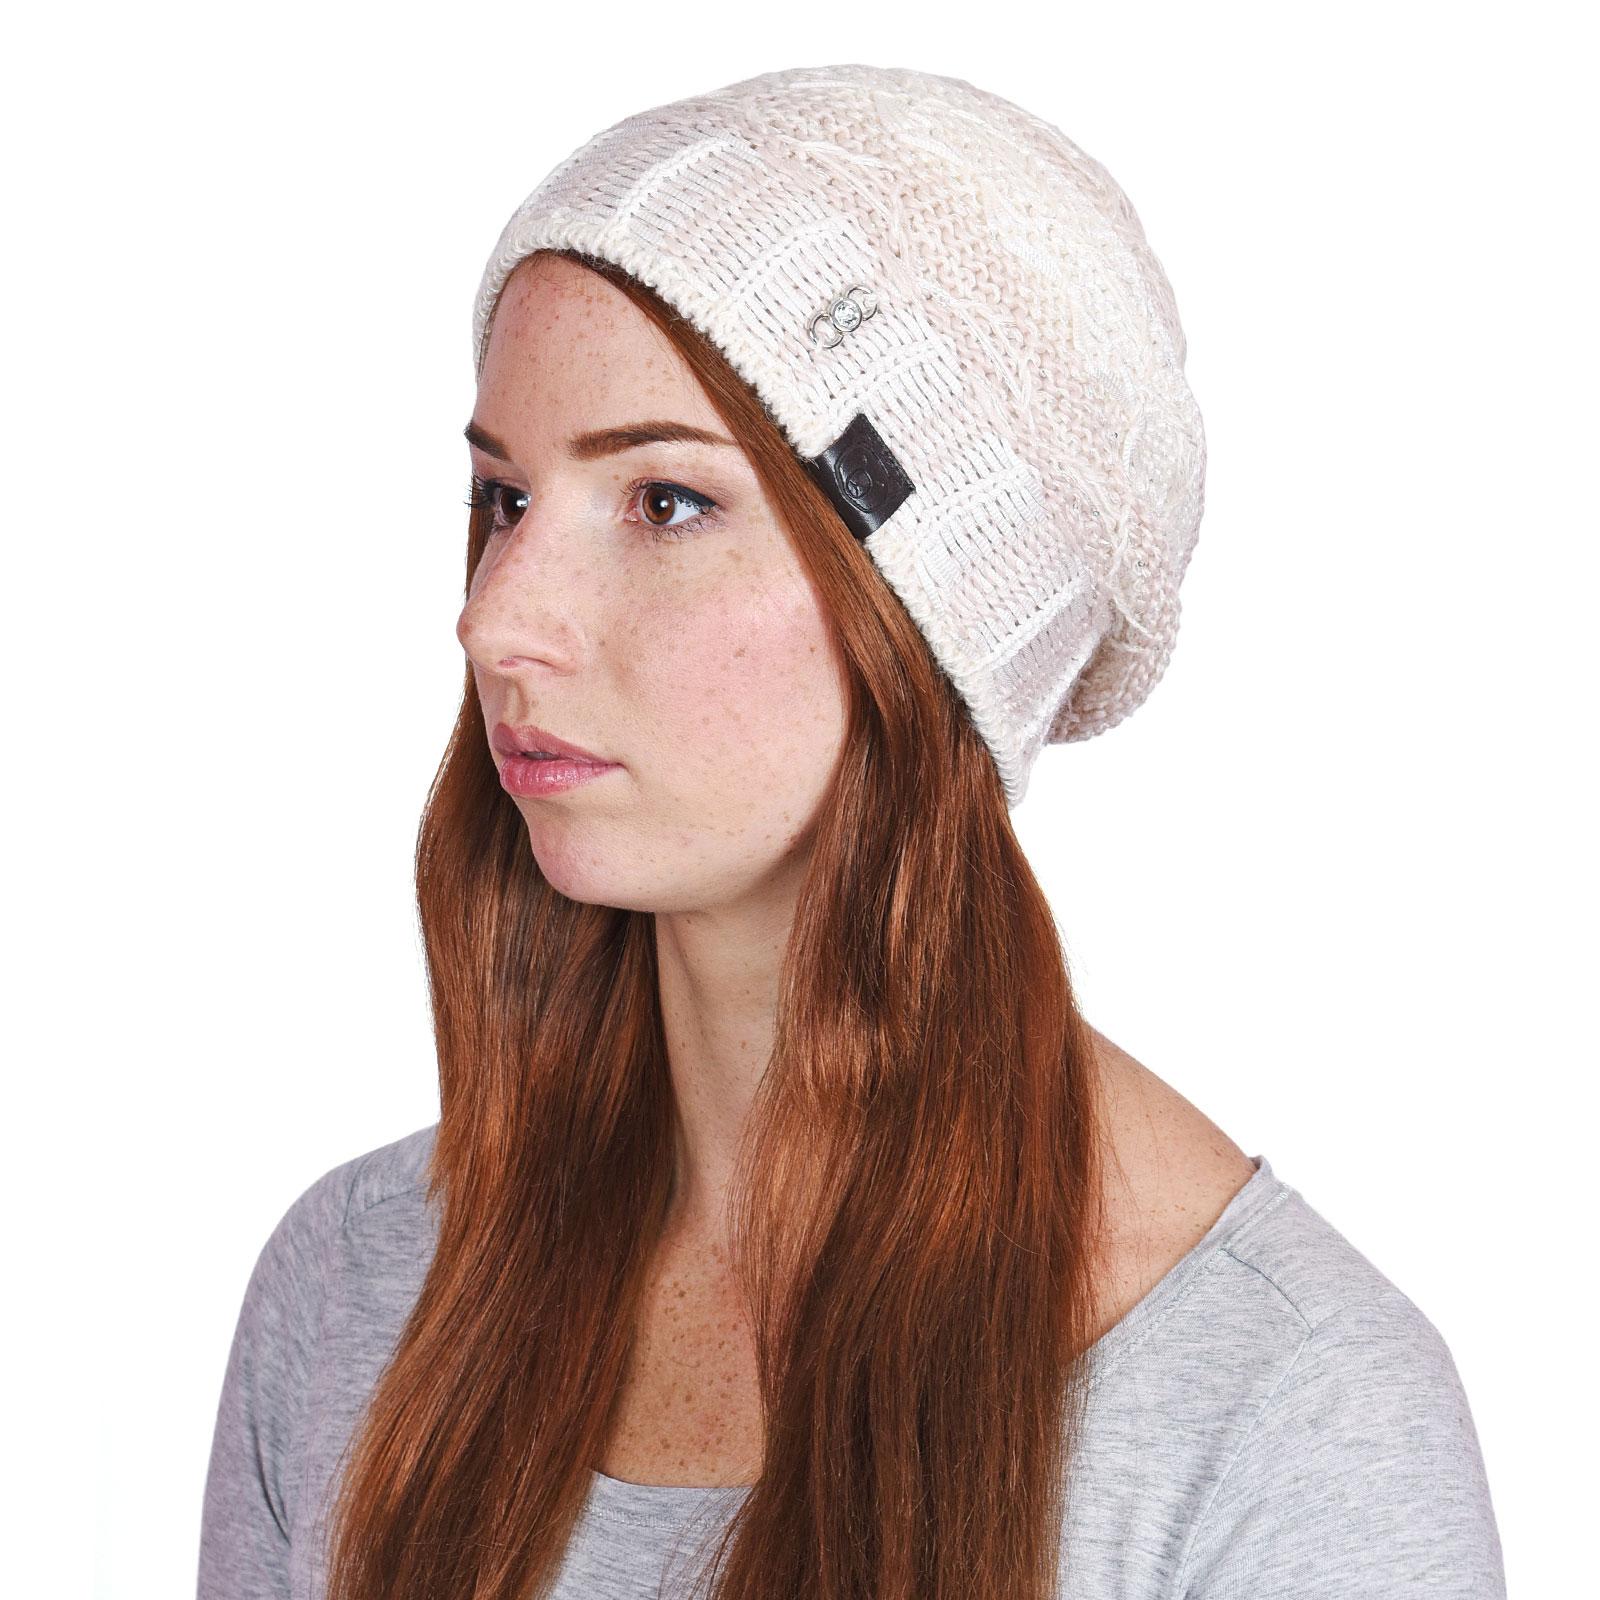 CP-01037-VF16-P-bonnet-hiver-blanc-creme